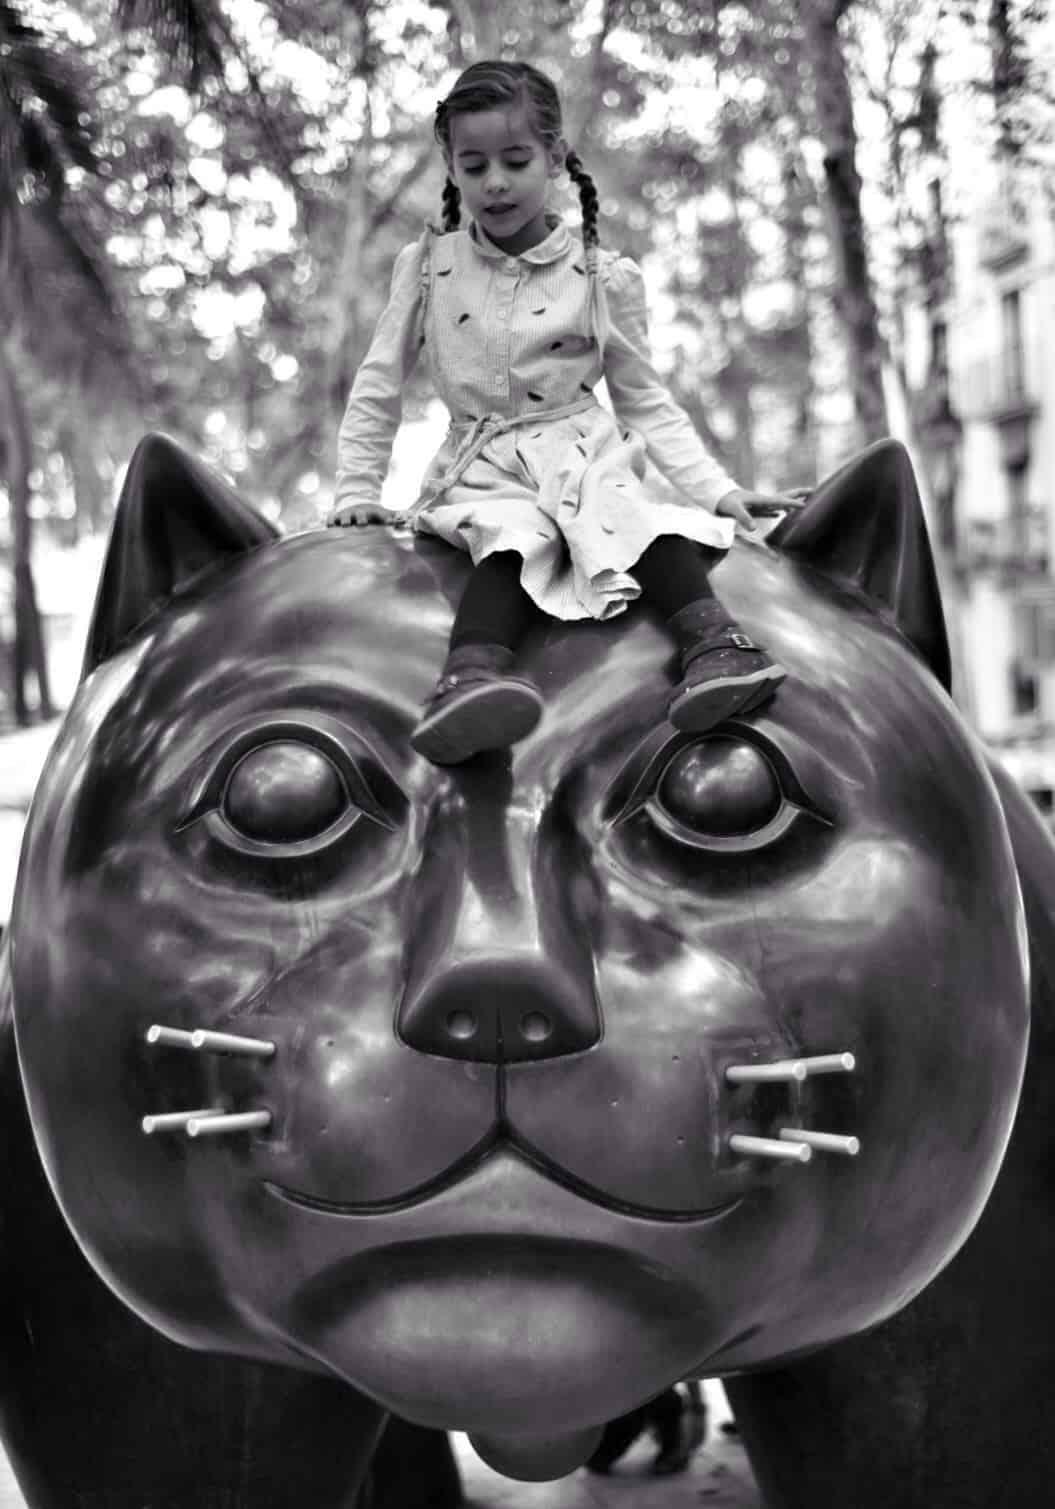 El Gato de Botero